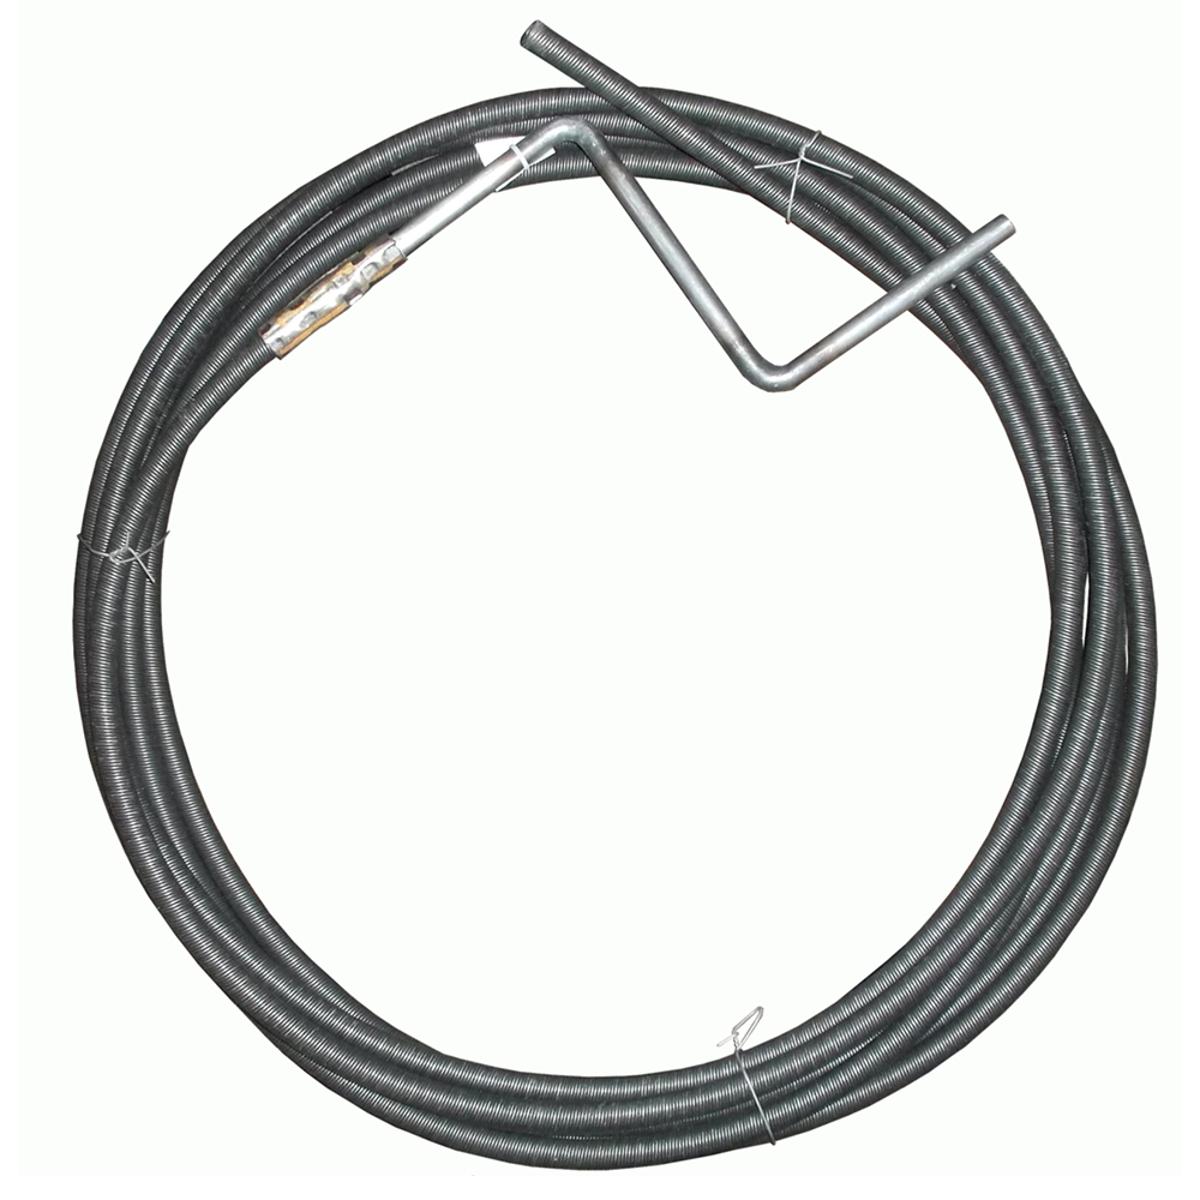 Трос пружинный для прочистки канализационных труб Masterprof, 6 мм х 5 мИС.130022Пружинный трос Masterprof, выполненный из металла, предназначен для прочистки канализационных труб. Диаметр: 6 мм. Длина: 5 м.